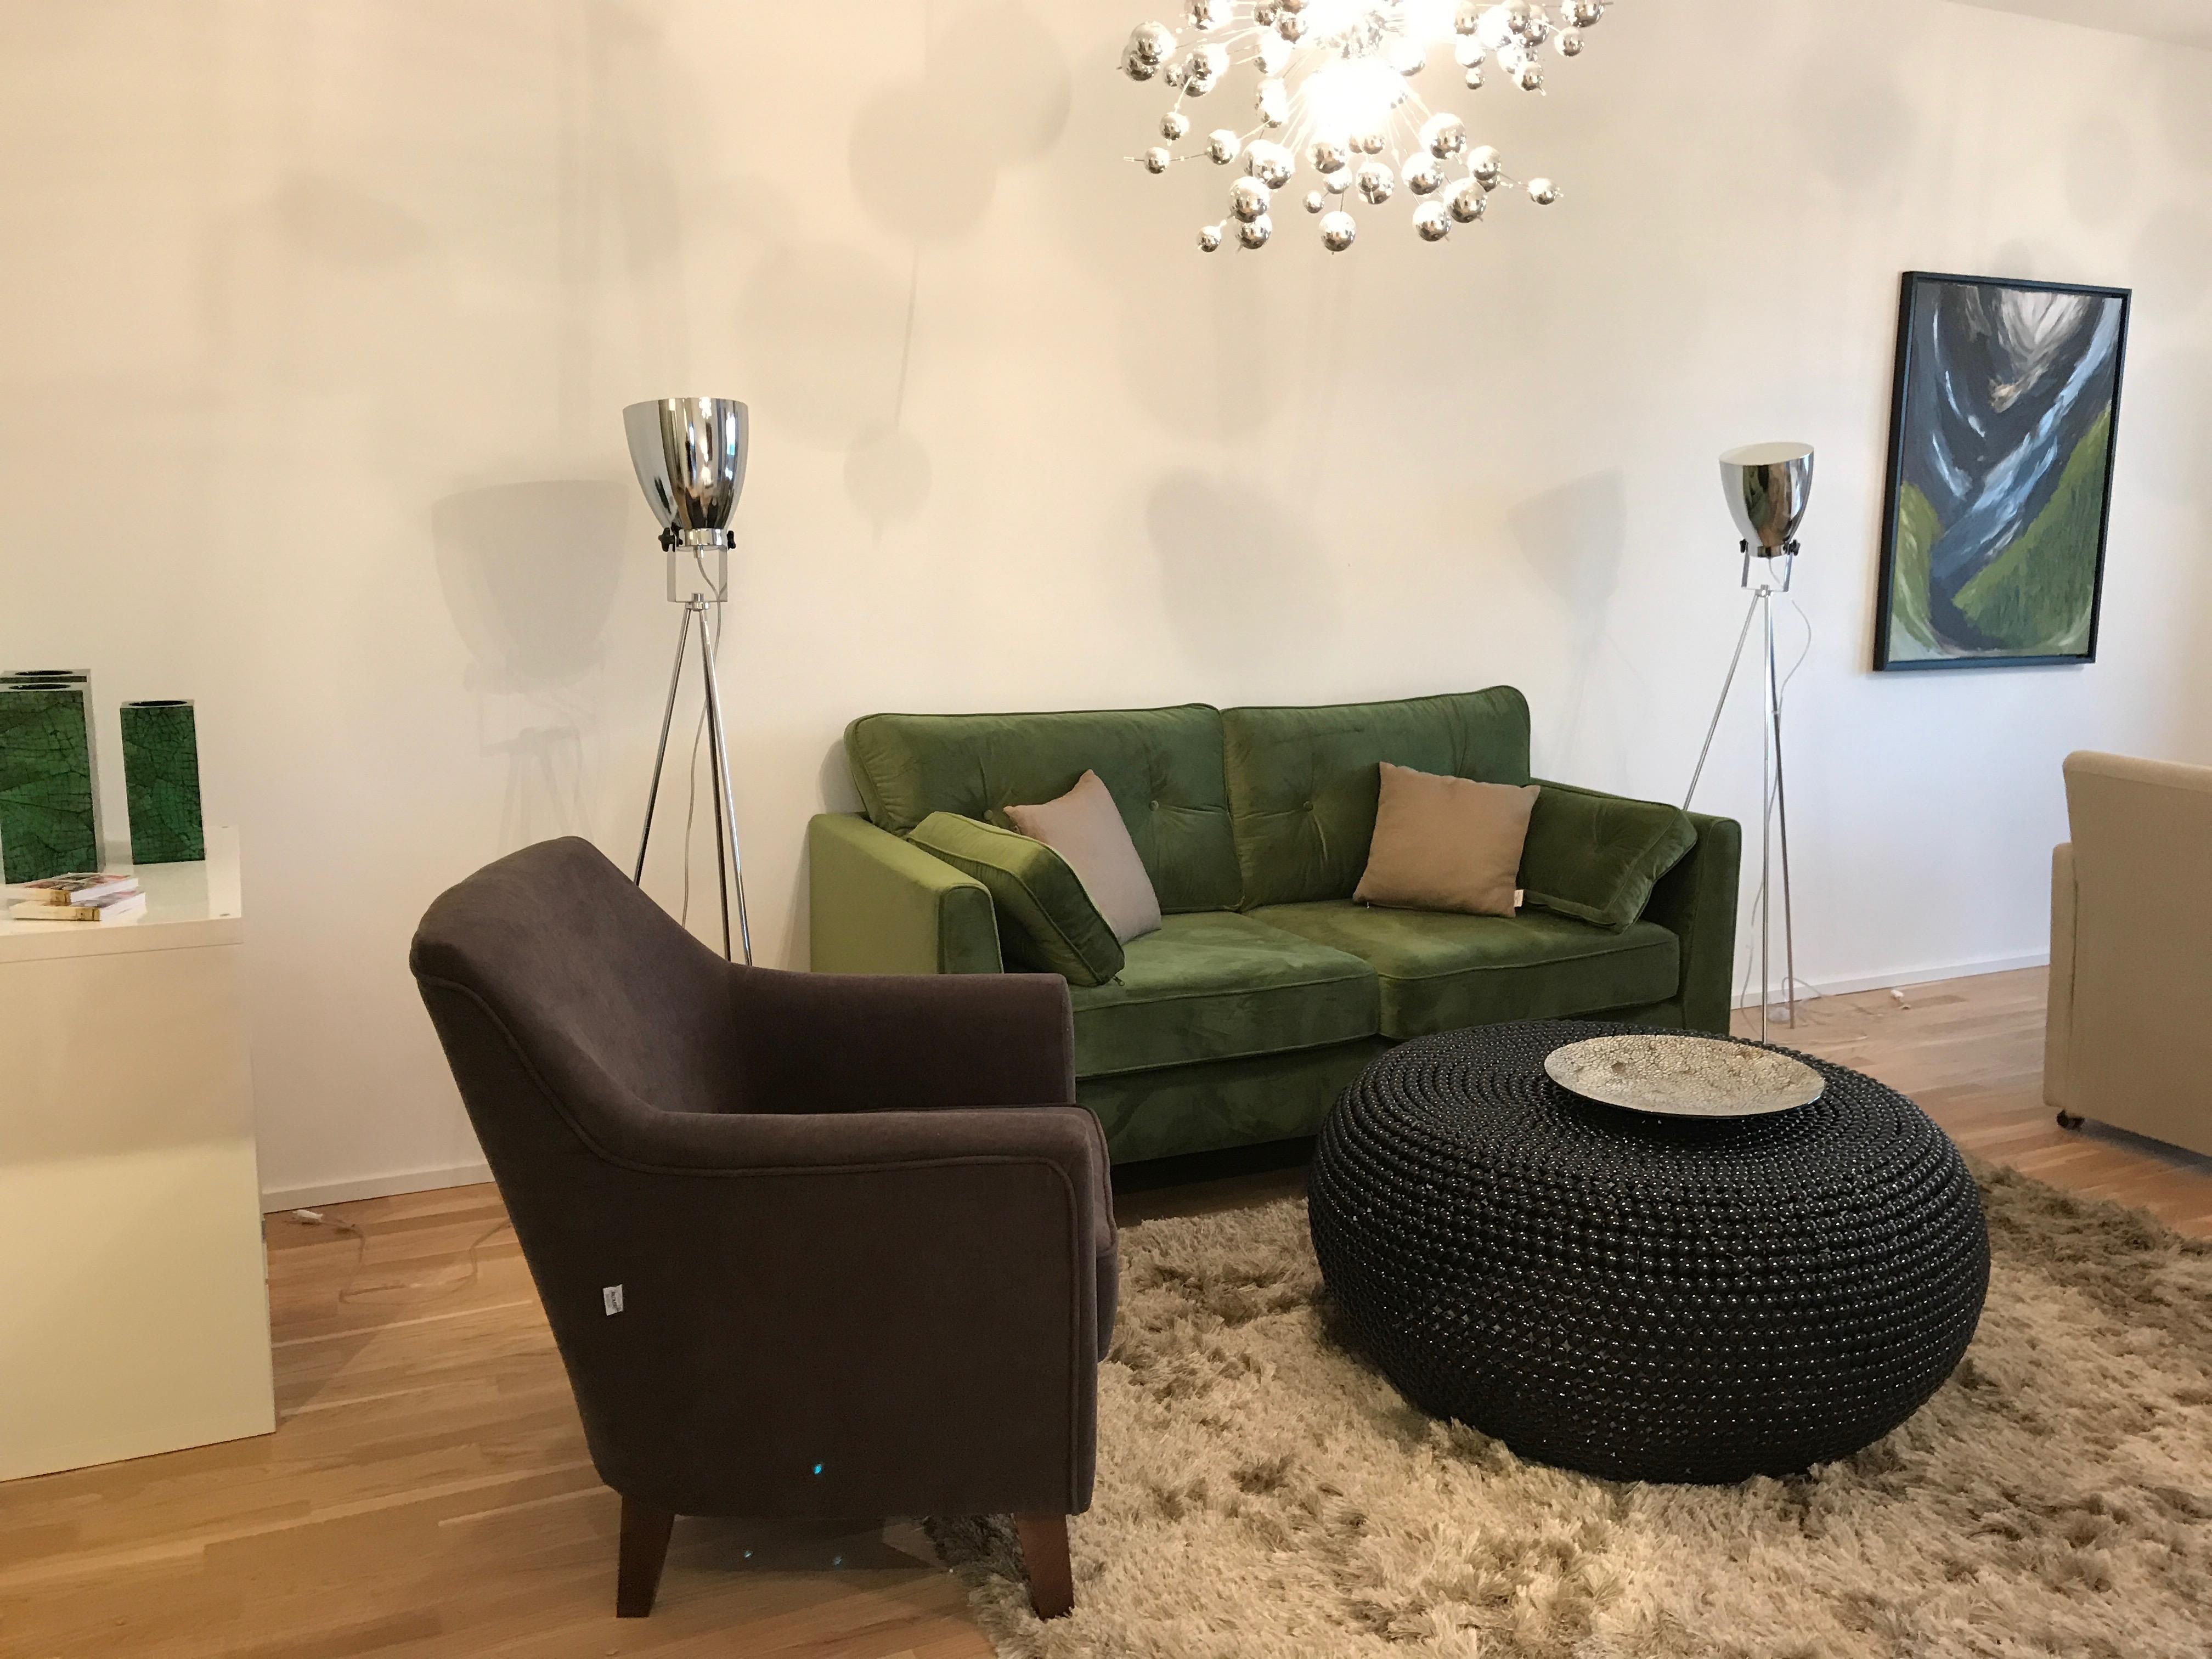 Wohnzimmer Mit Grüne 2er Sofa #wohnzimmer #grünessofa ©Miracle Room